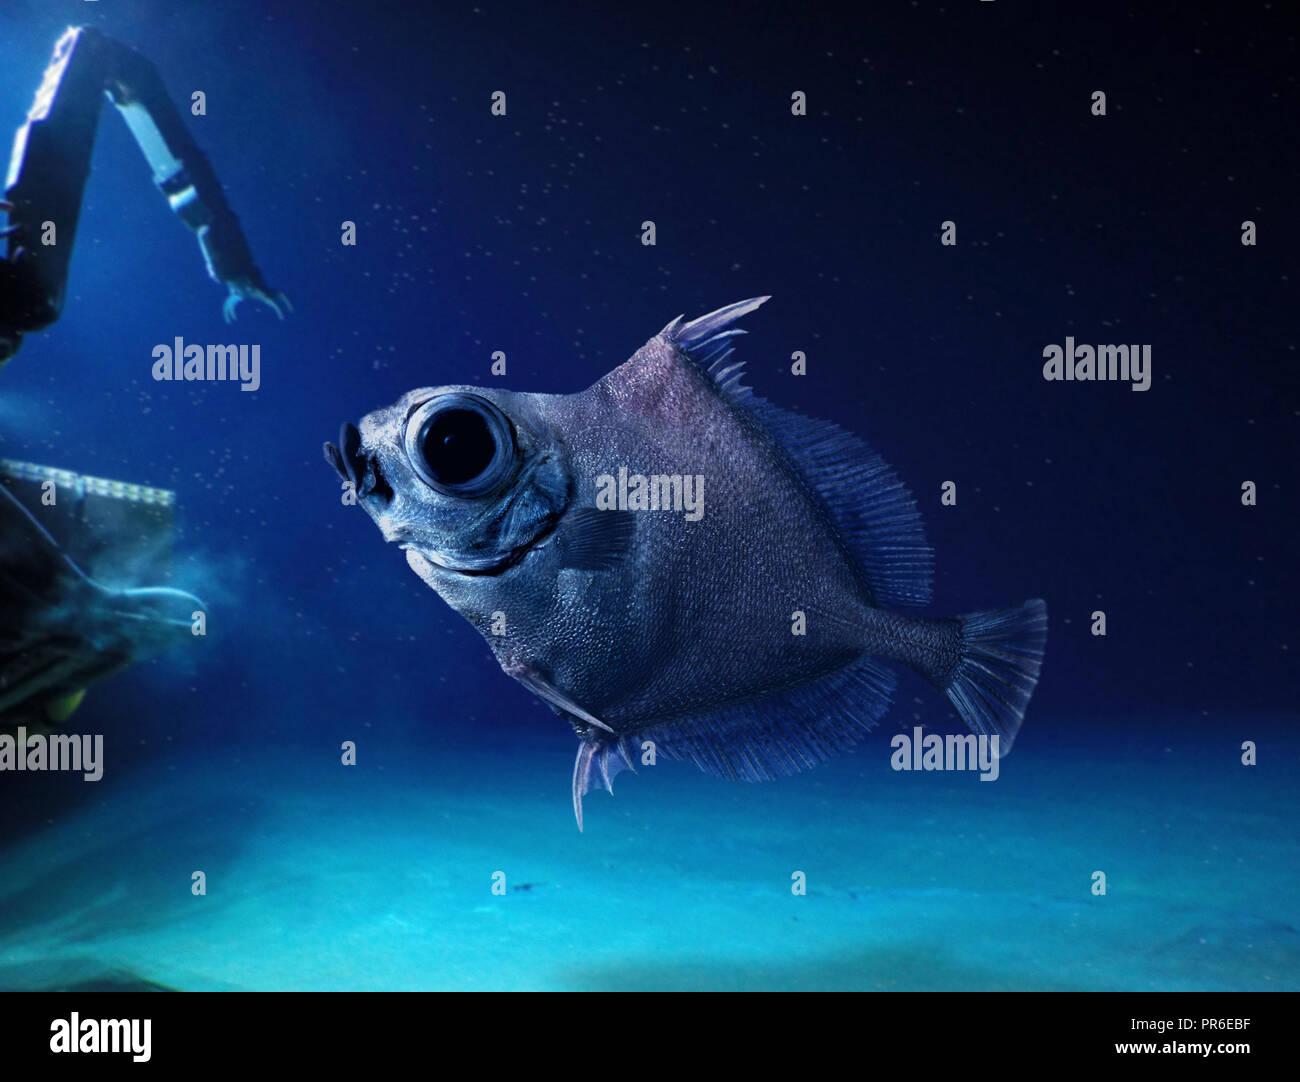 Neocyttus helgae, False boarfish, piscina vicino al veicolo sommergibile. Deep Sea Fish che vive tra 900 e 1800 m di profondità in prossimità di sottomarini. Foto Stock